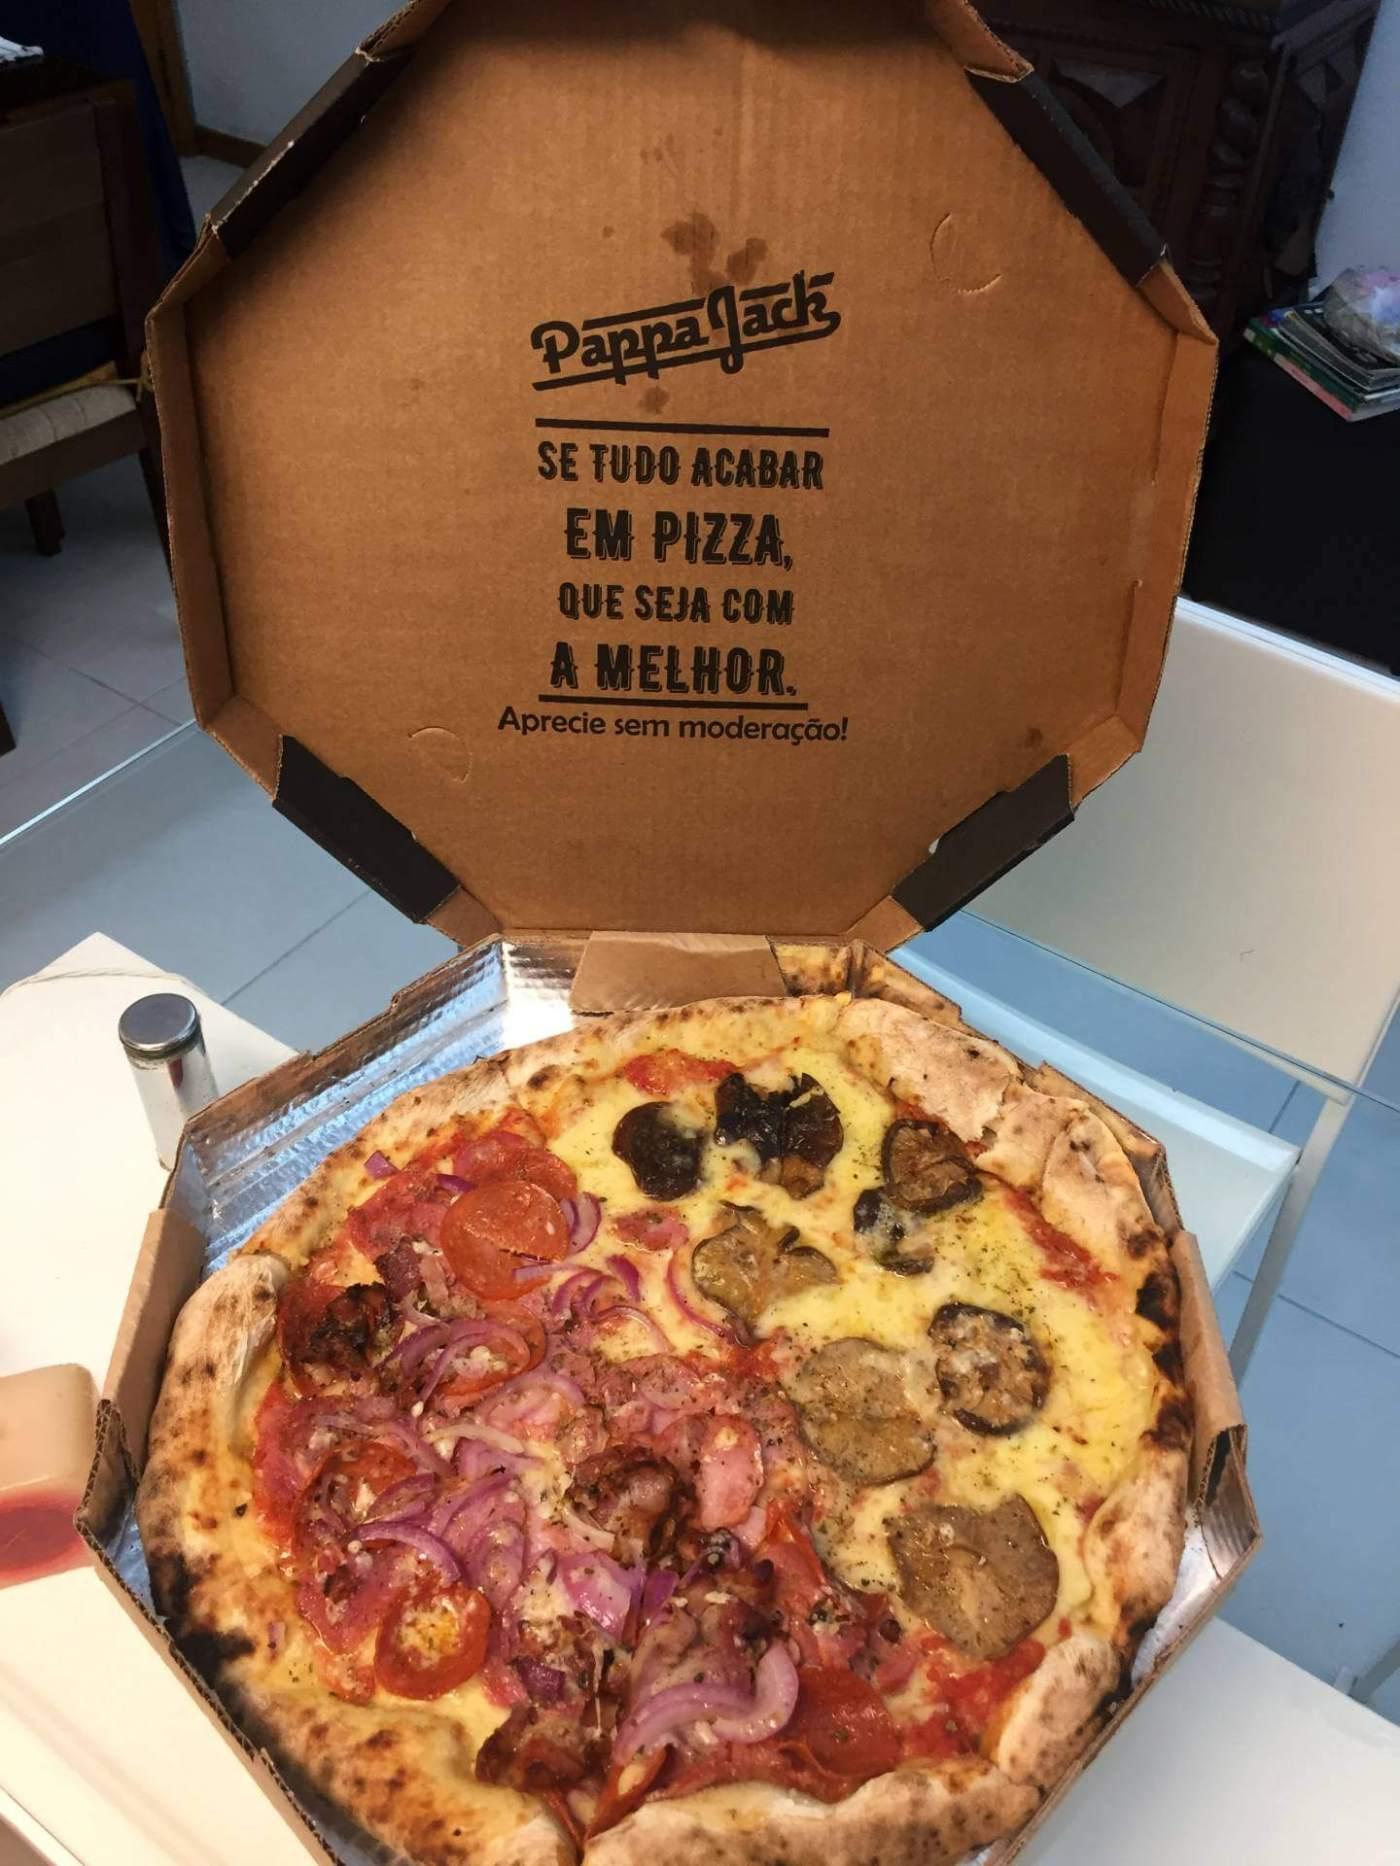 pizza na embalagem do Pappa Jack com os3fominhas